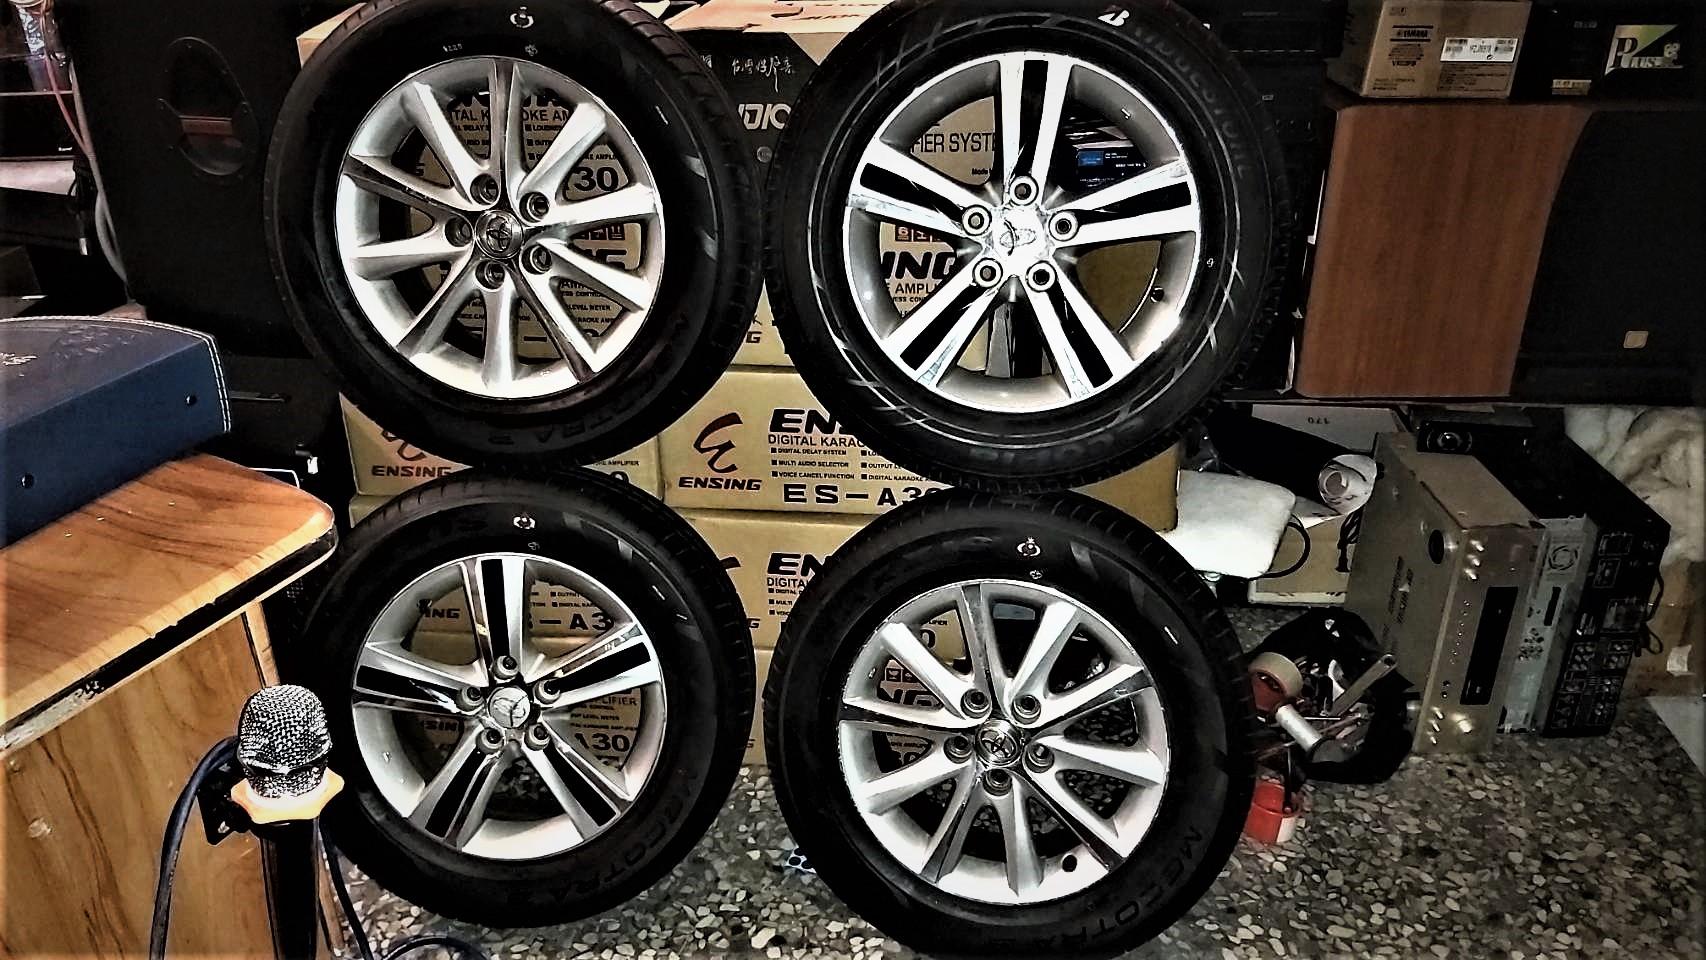 )))買 輪胎(((MAXXIS 瑪吉斯 215/65/16 四條 )))送 鋁圈((( 16吋 5孔114.3 四顆